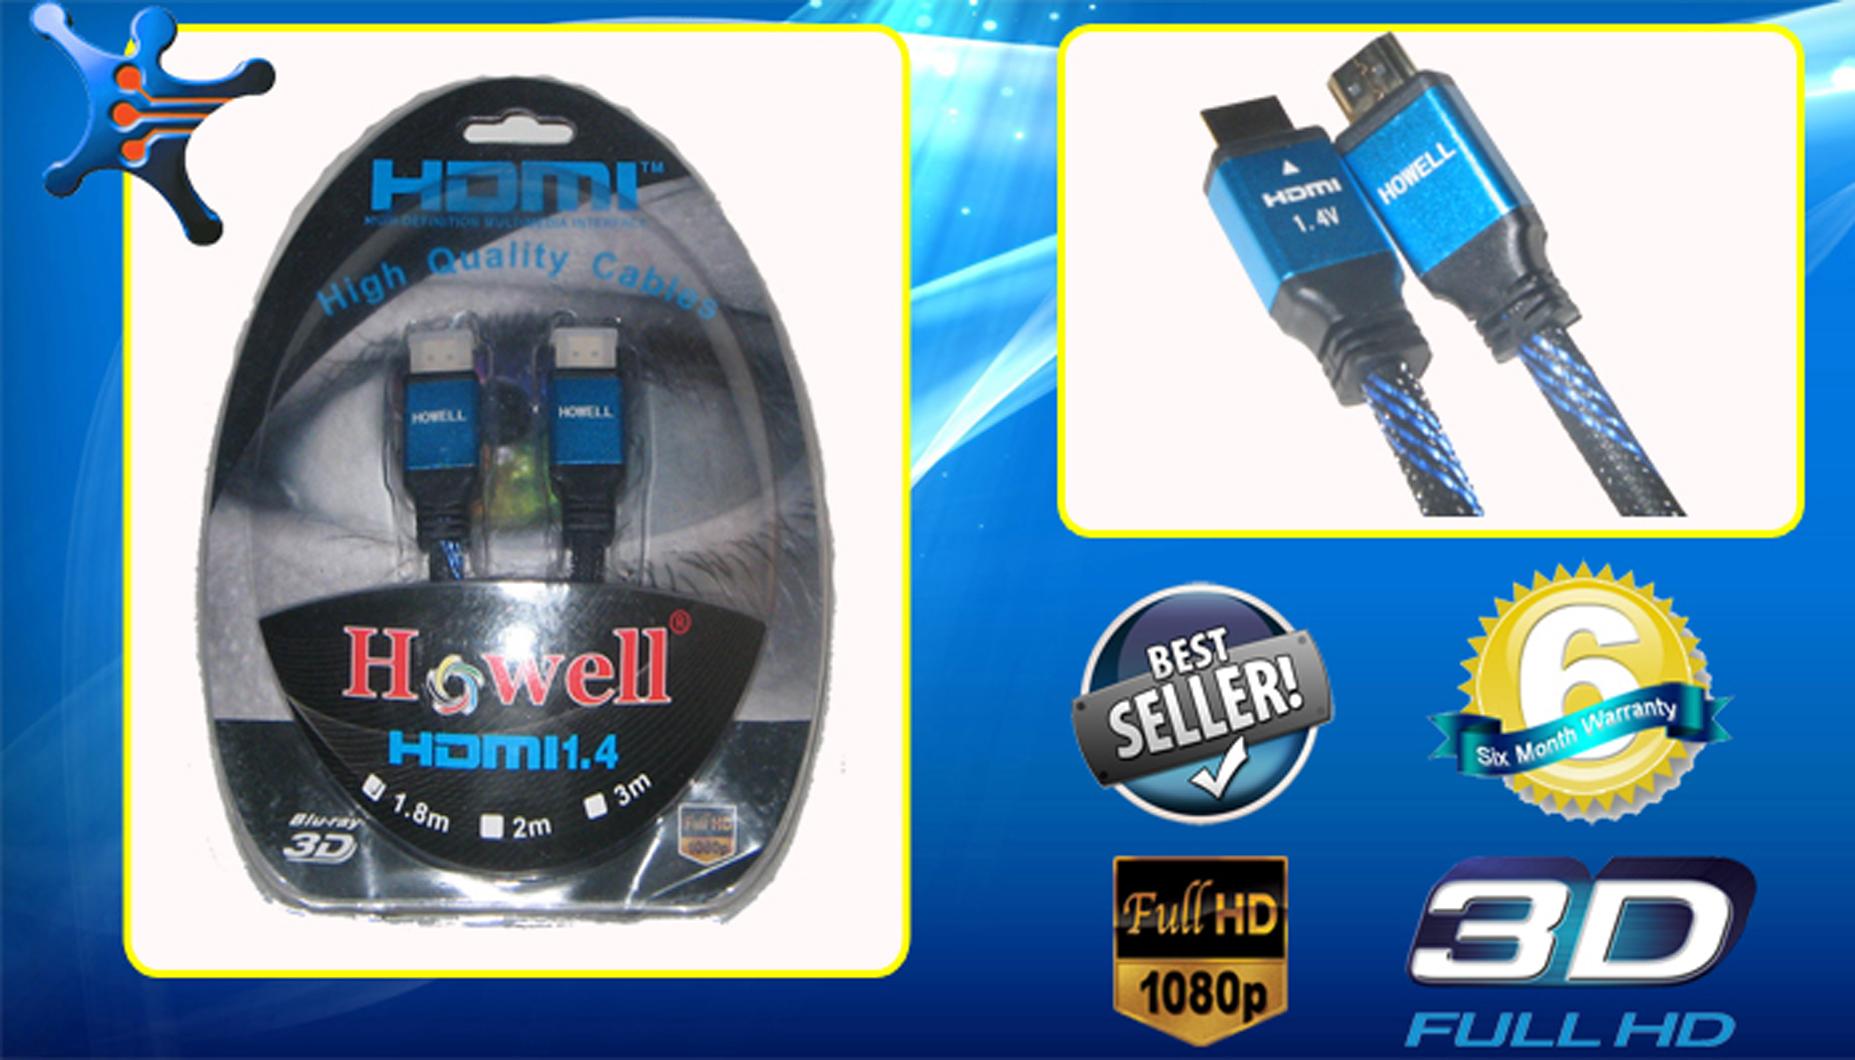 Spesifikasi Kabel HDMI 1.4 Howell 3D 3 Meter